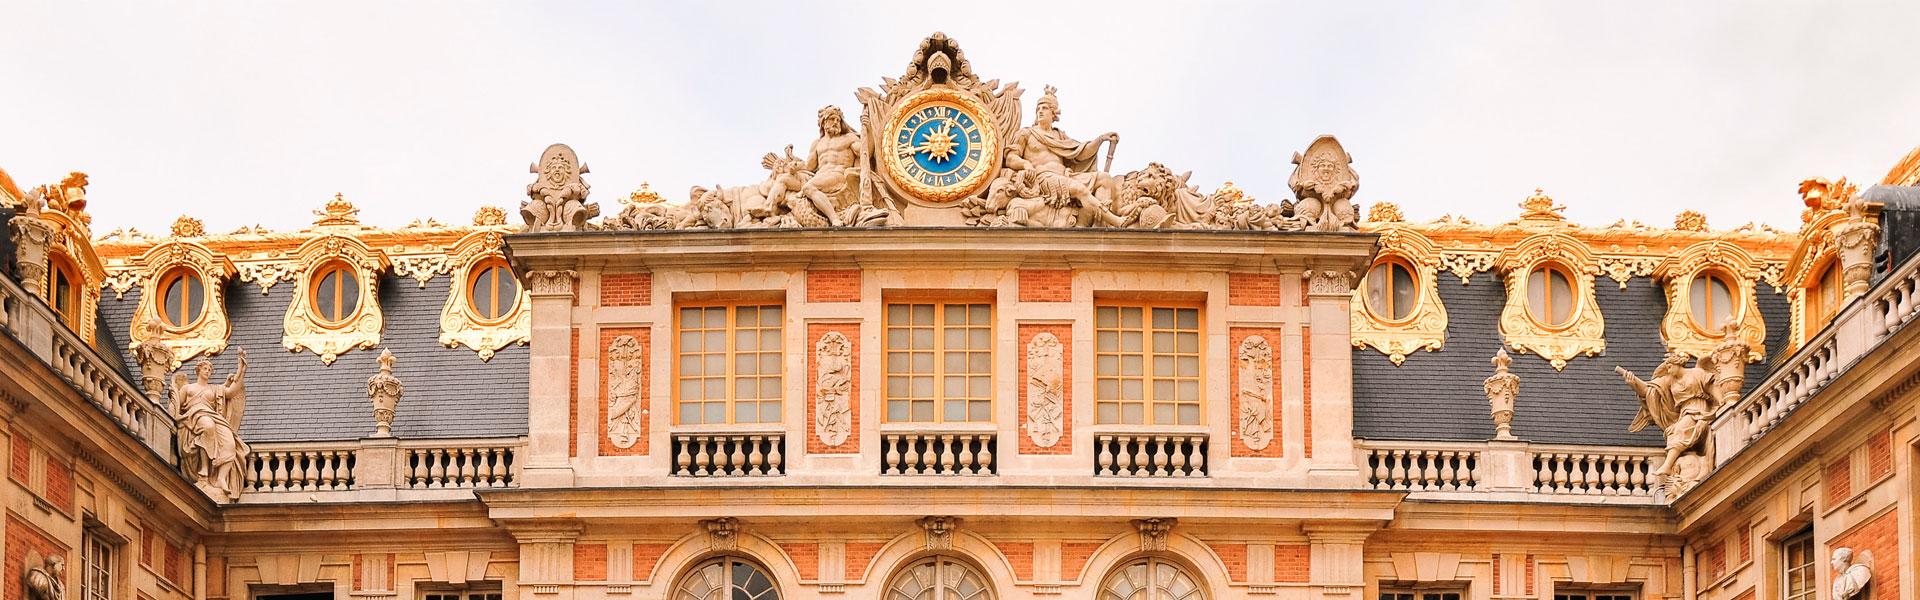 roteiro-para-visitar-palacio-versalhes